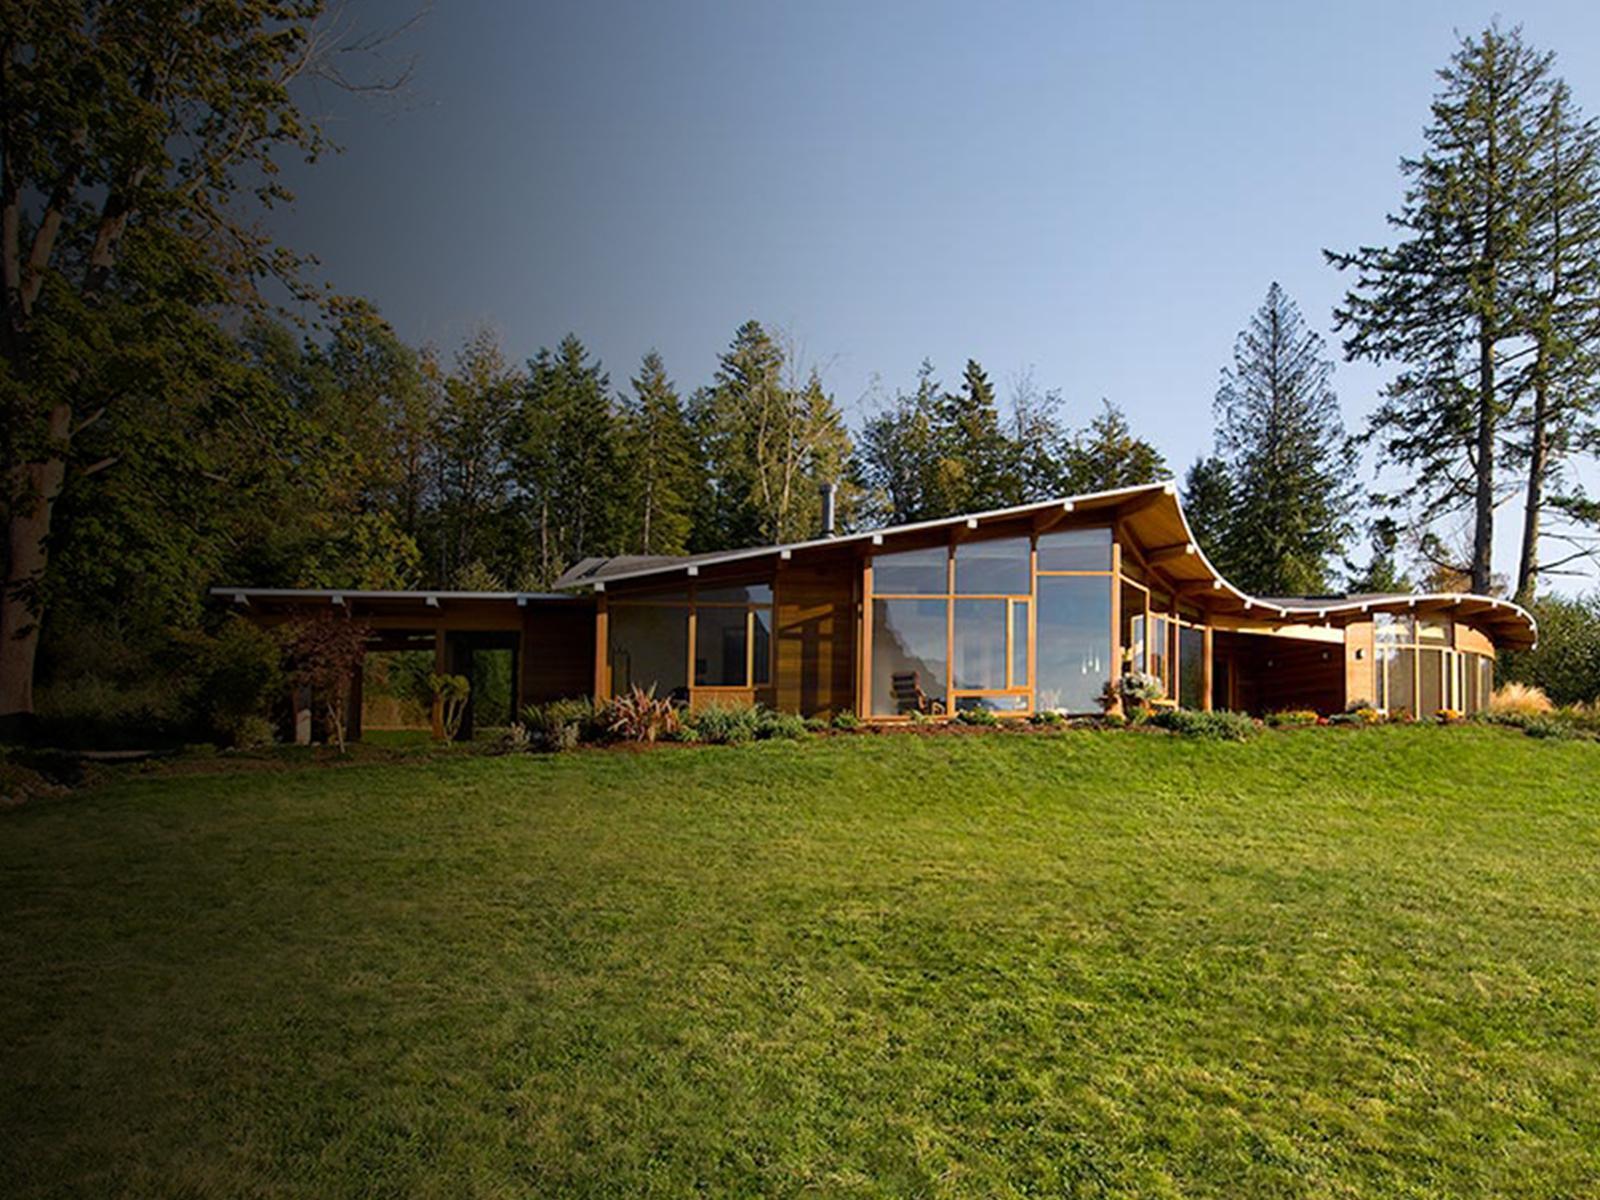 La maison Hollyfarm